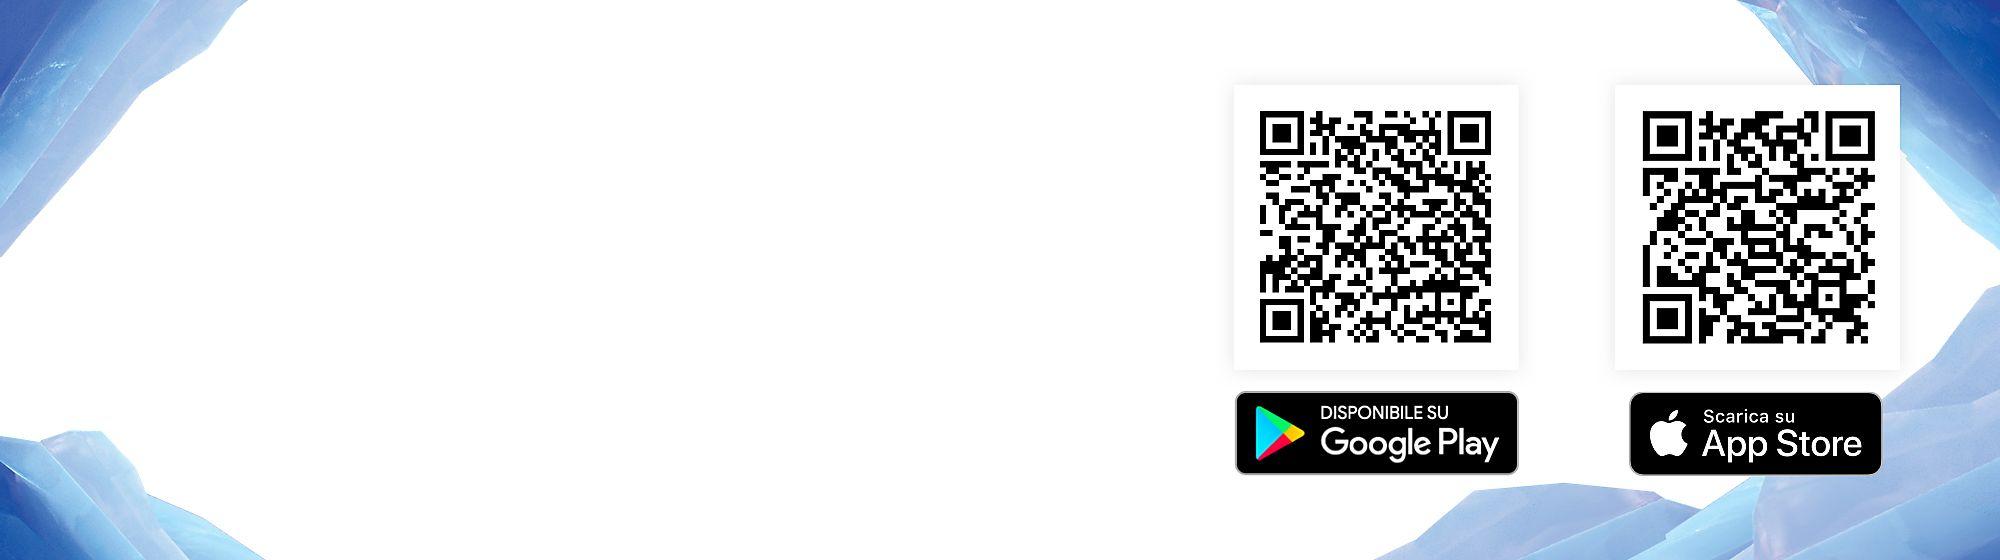 Scansiona il codice QR con il tuo telefono e scarica la Disney Scan App